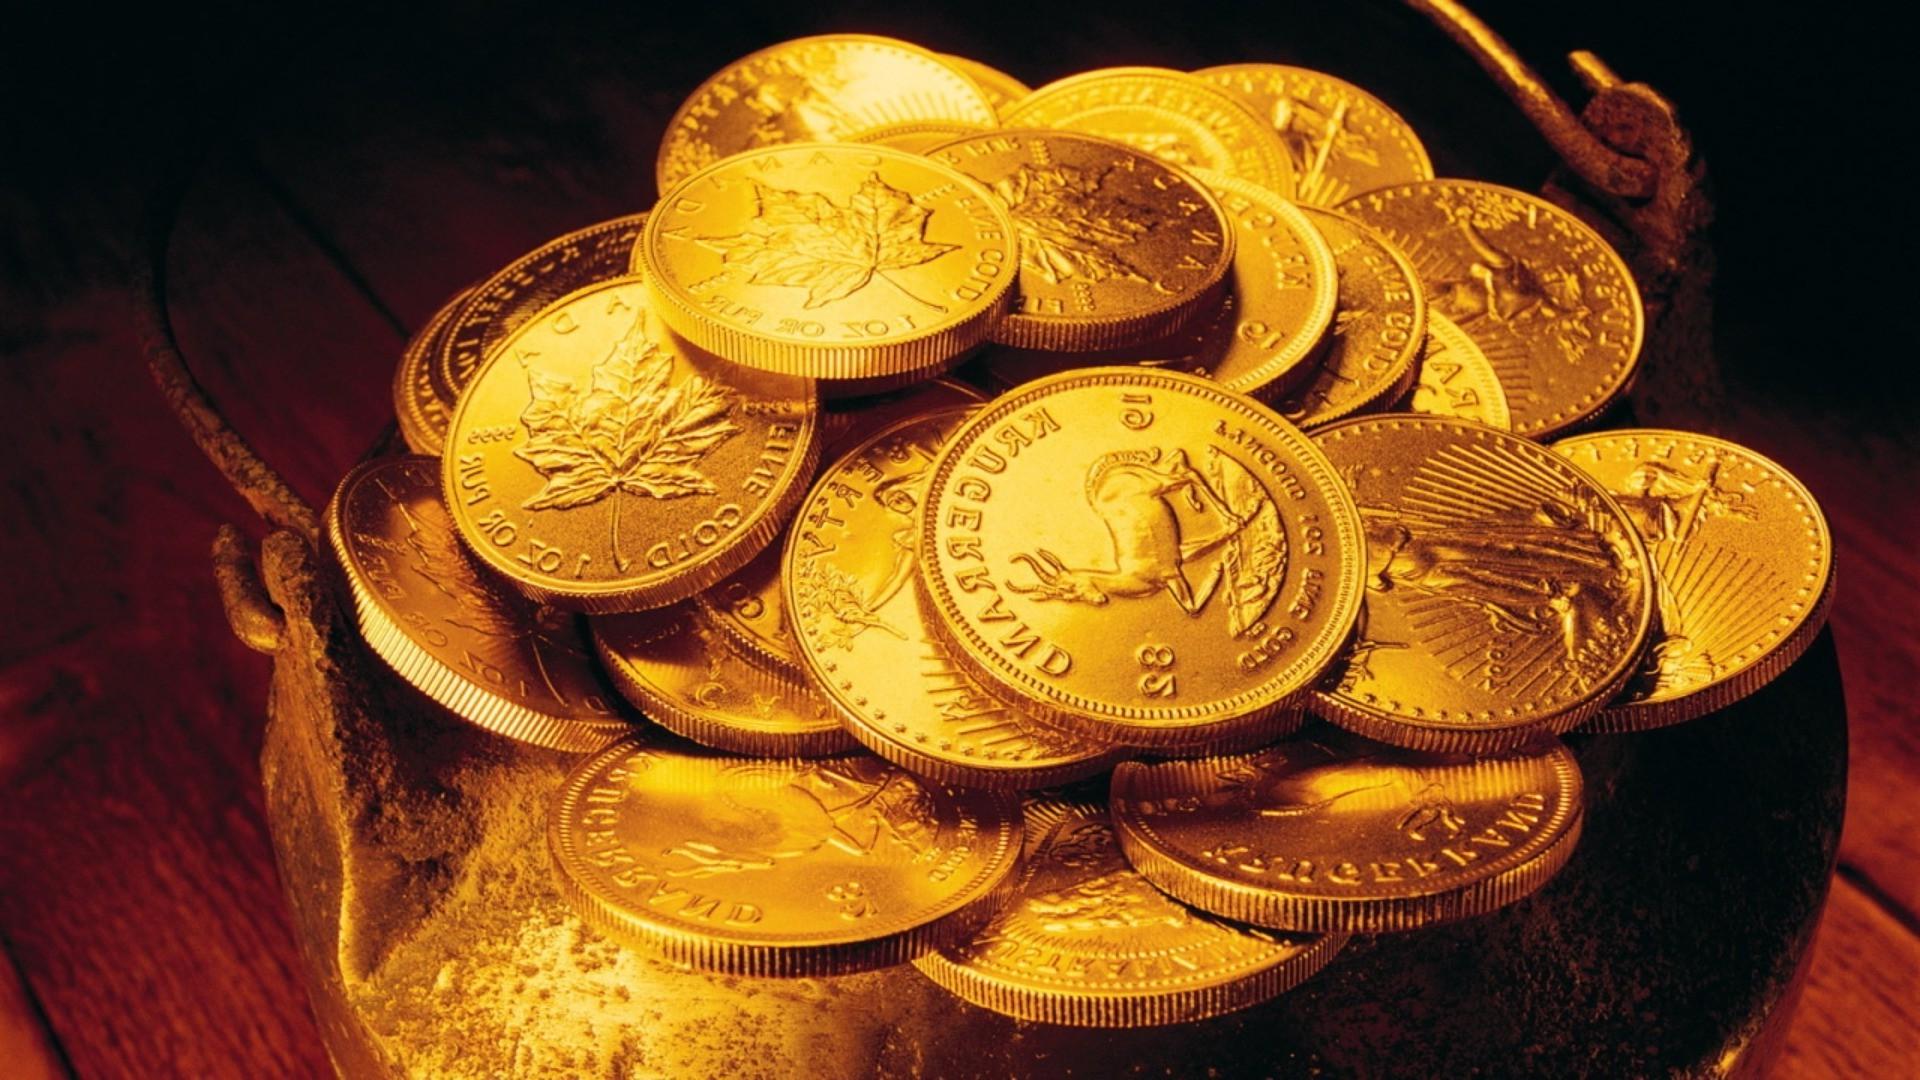 Картинка на рабочий стол с деньгами для привлечения денег